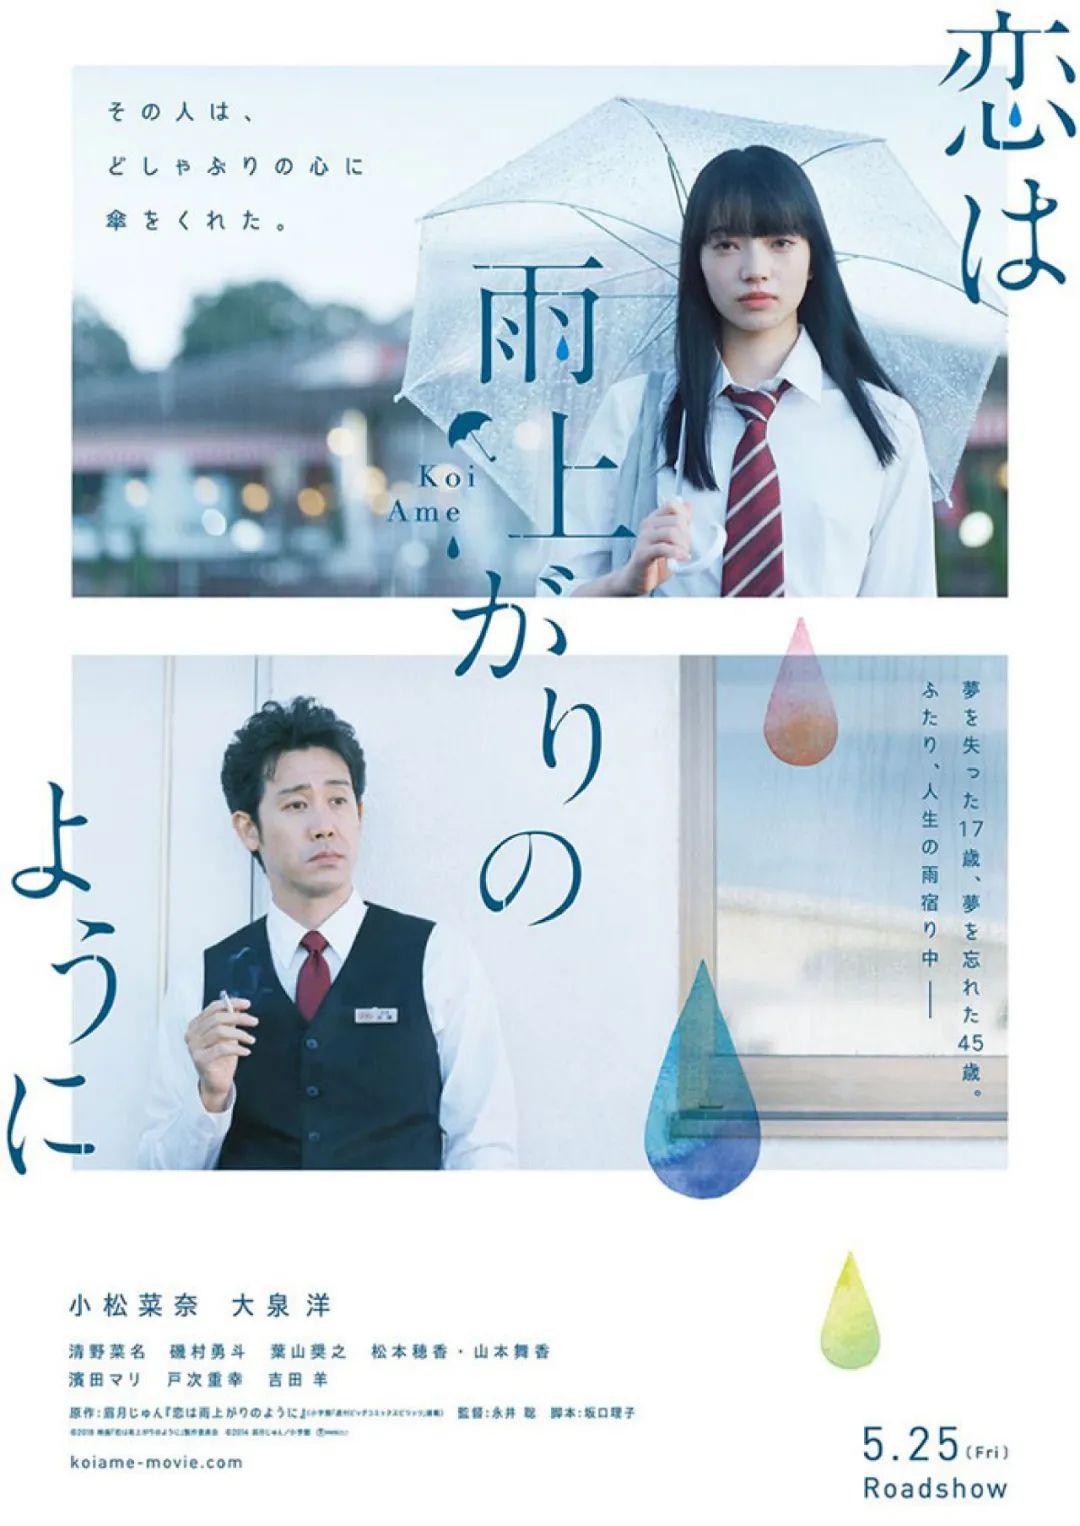 设计思路教程!如何从日本电影海报中学习版式设计?